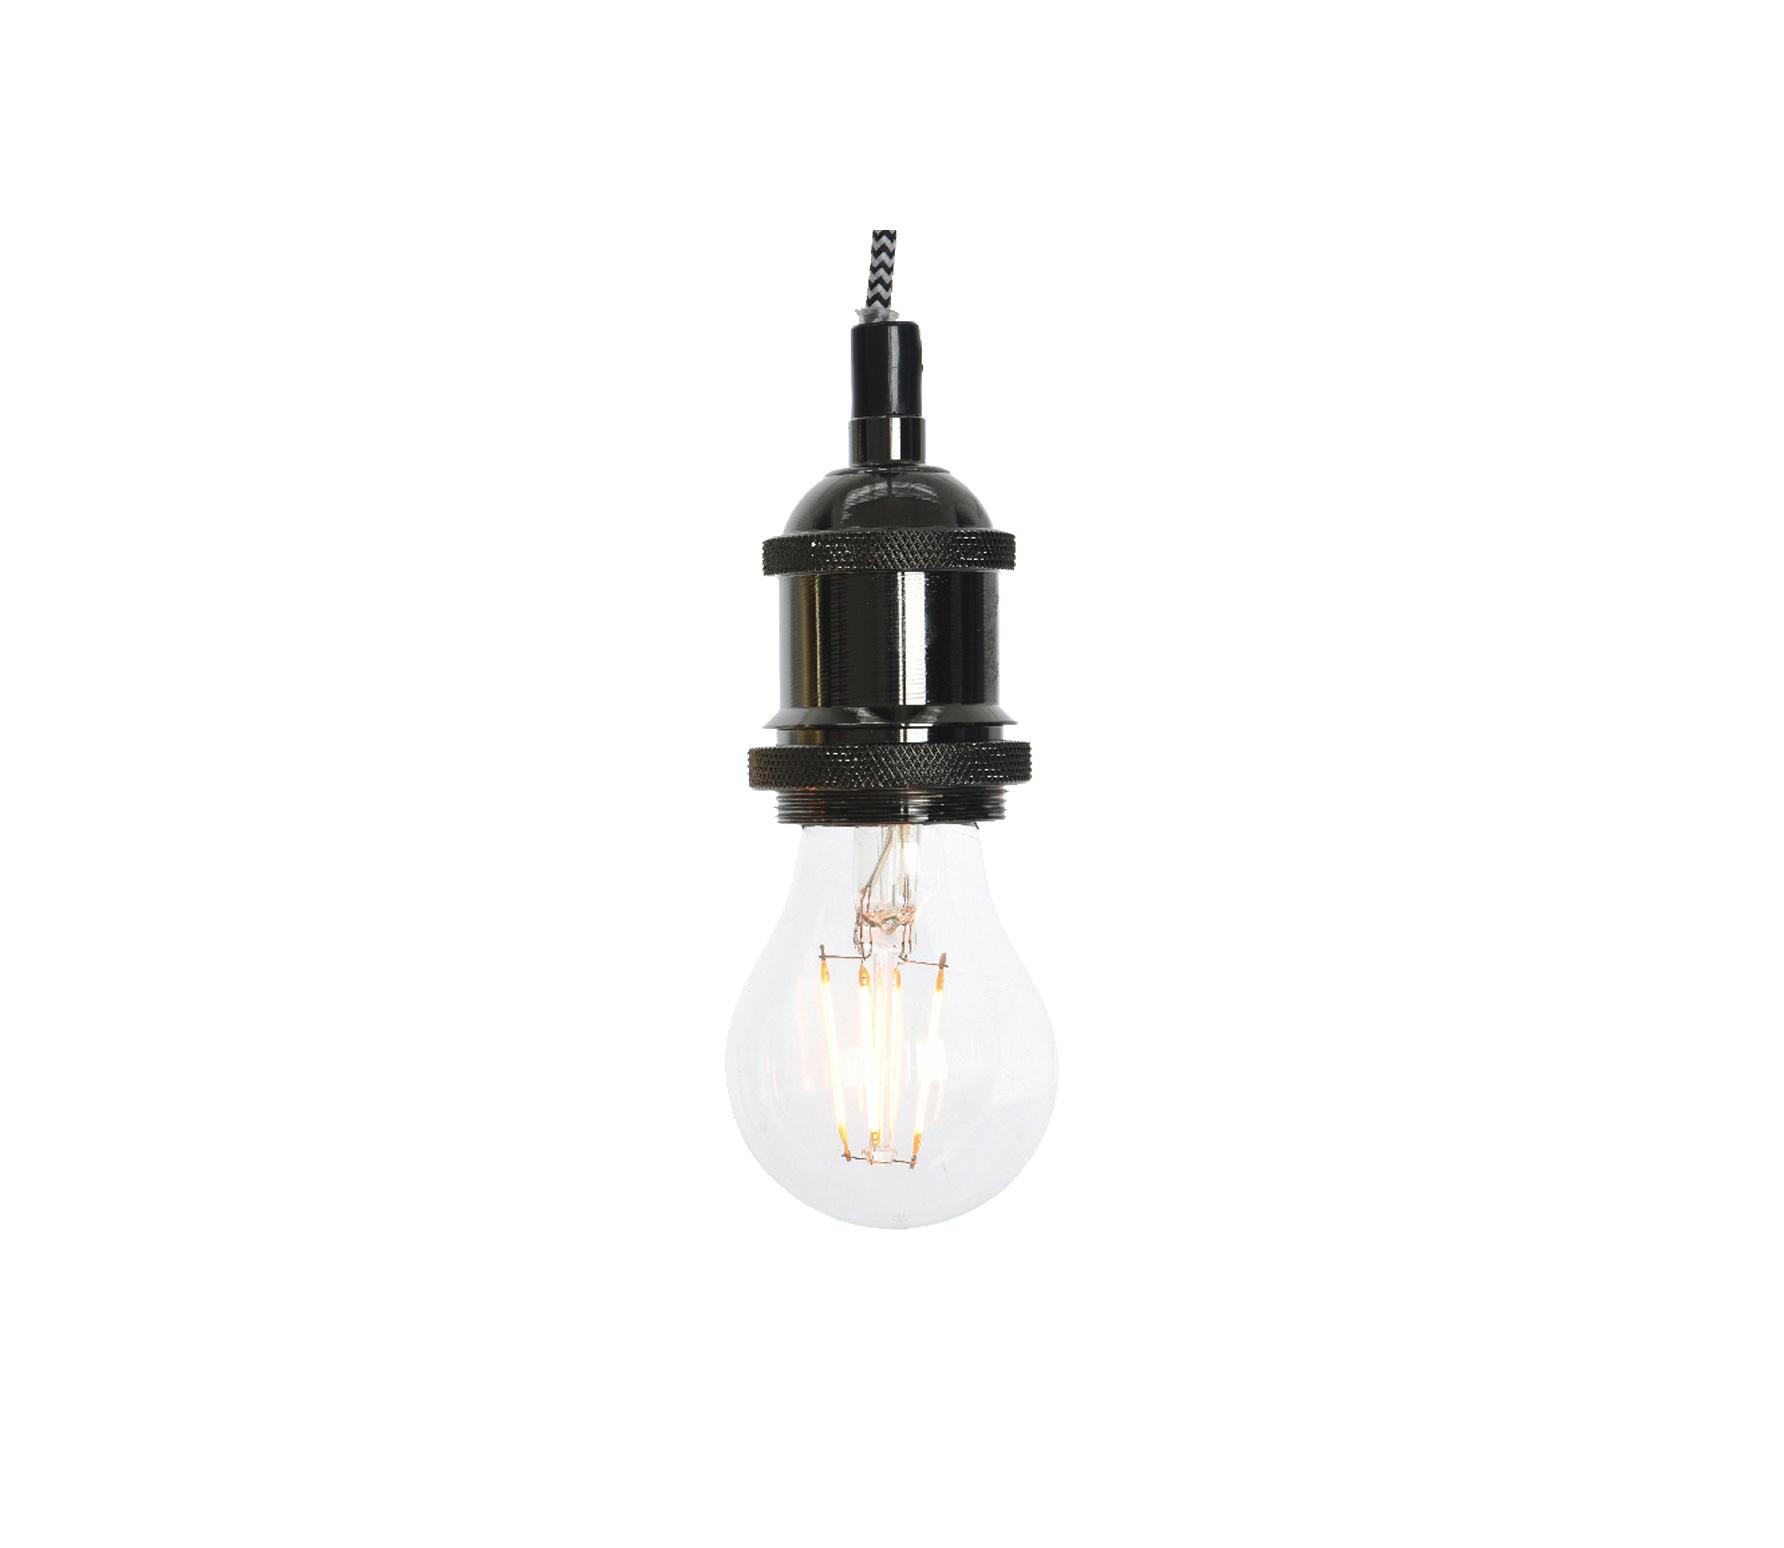 Hanglamp zilverkleurig exclusief lamp metaal